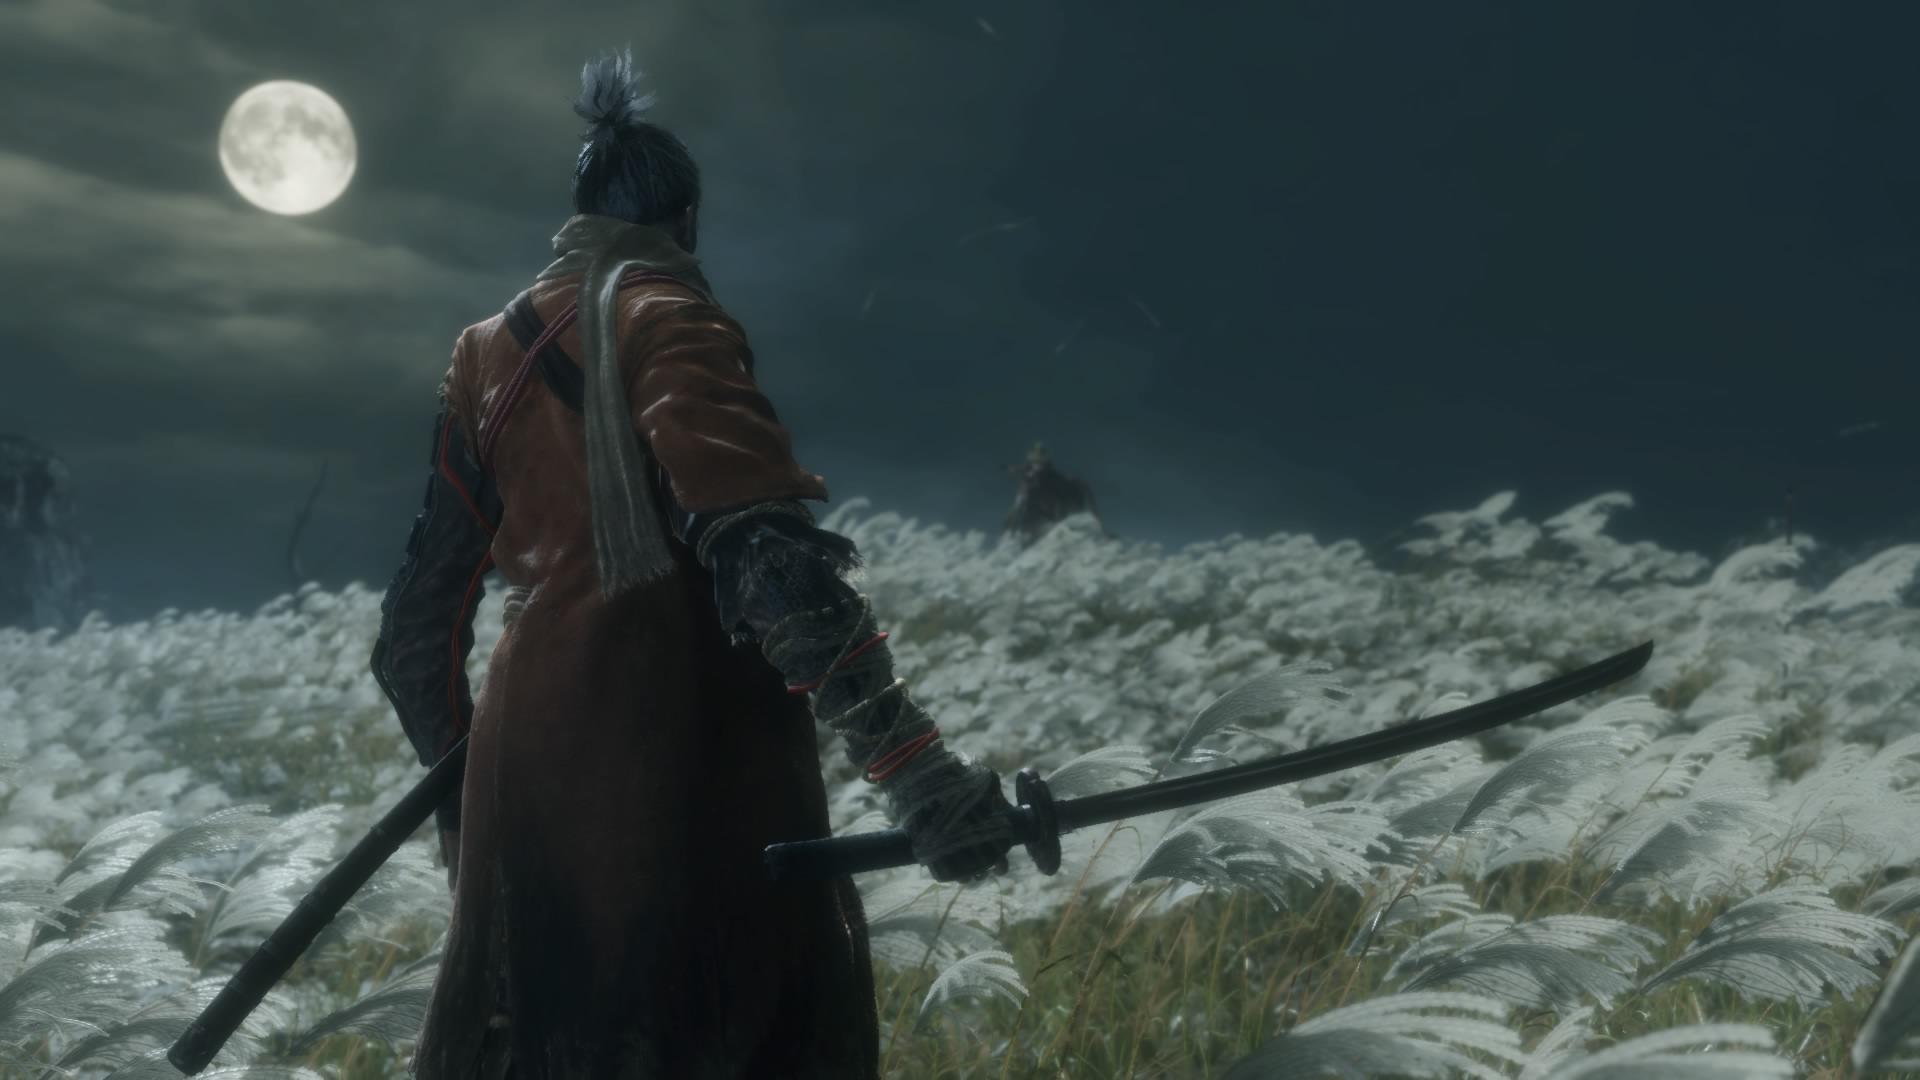 Shinobi na začiatku svojej cesty. Meč bude jeho najlepším priateľom.